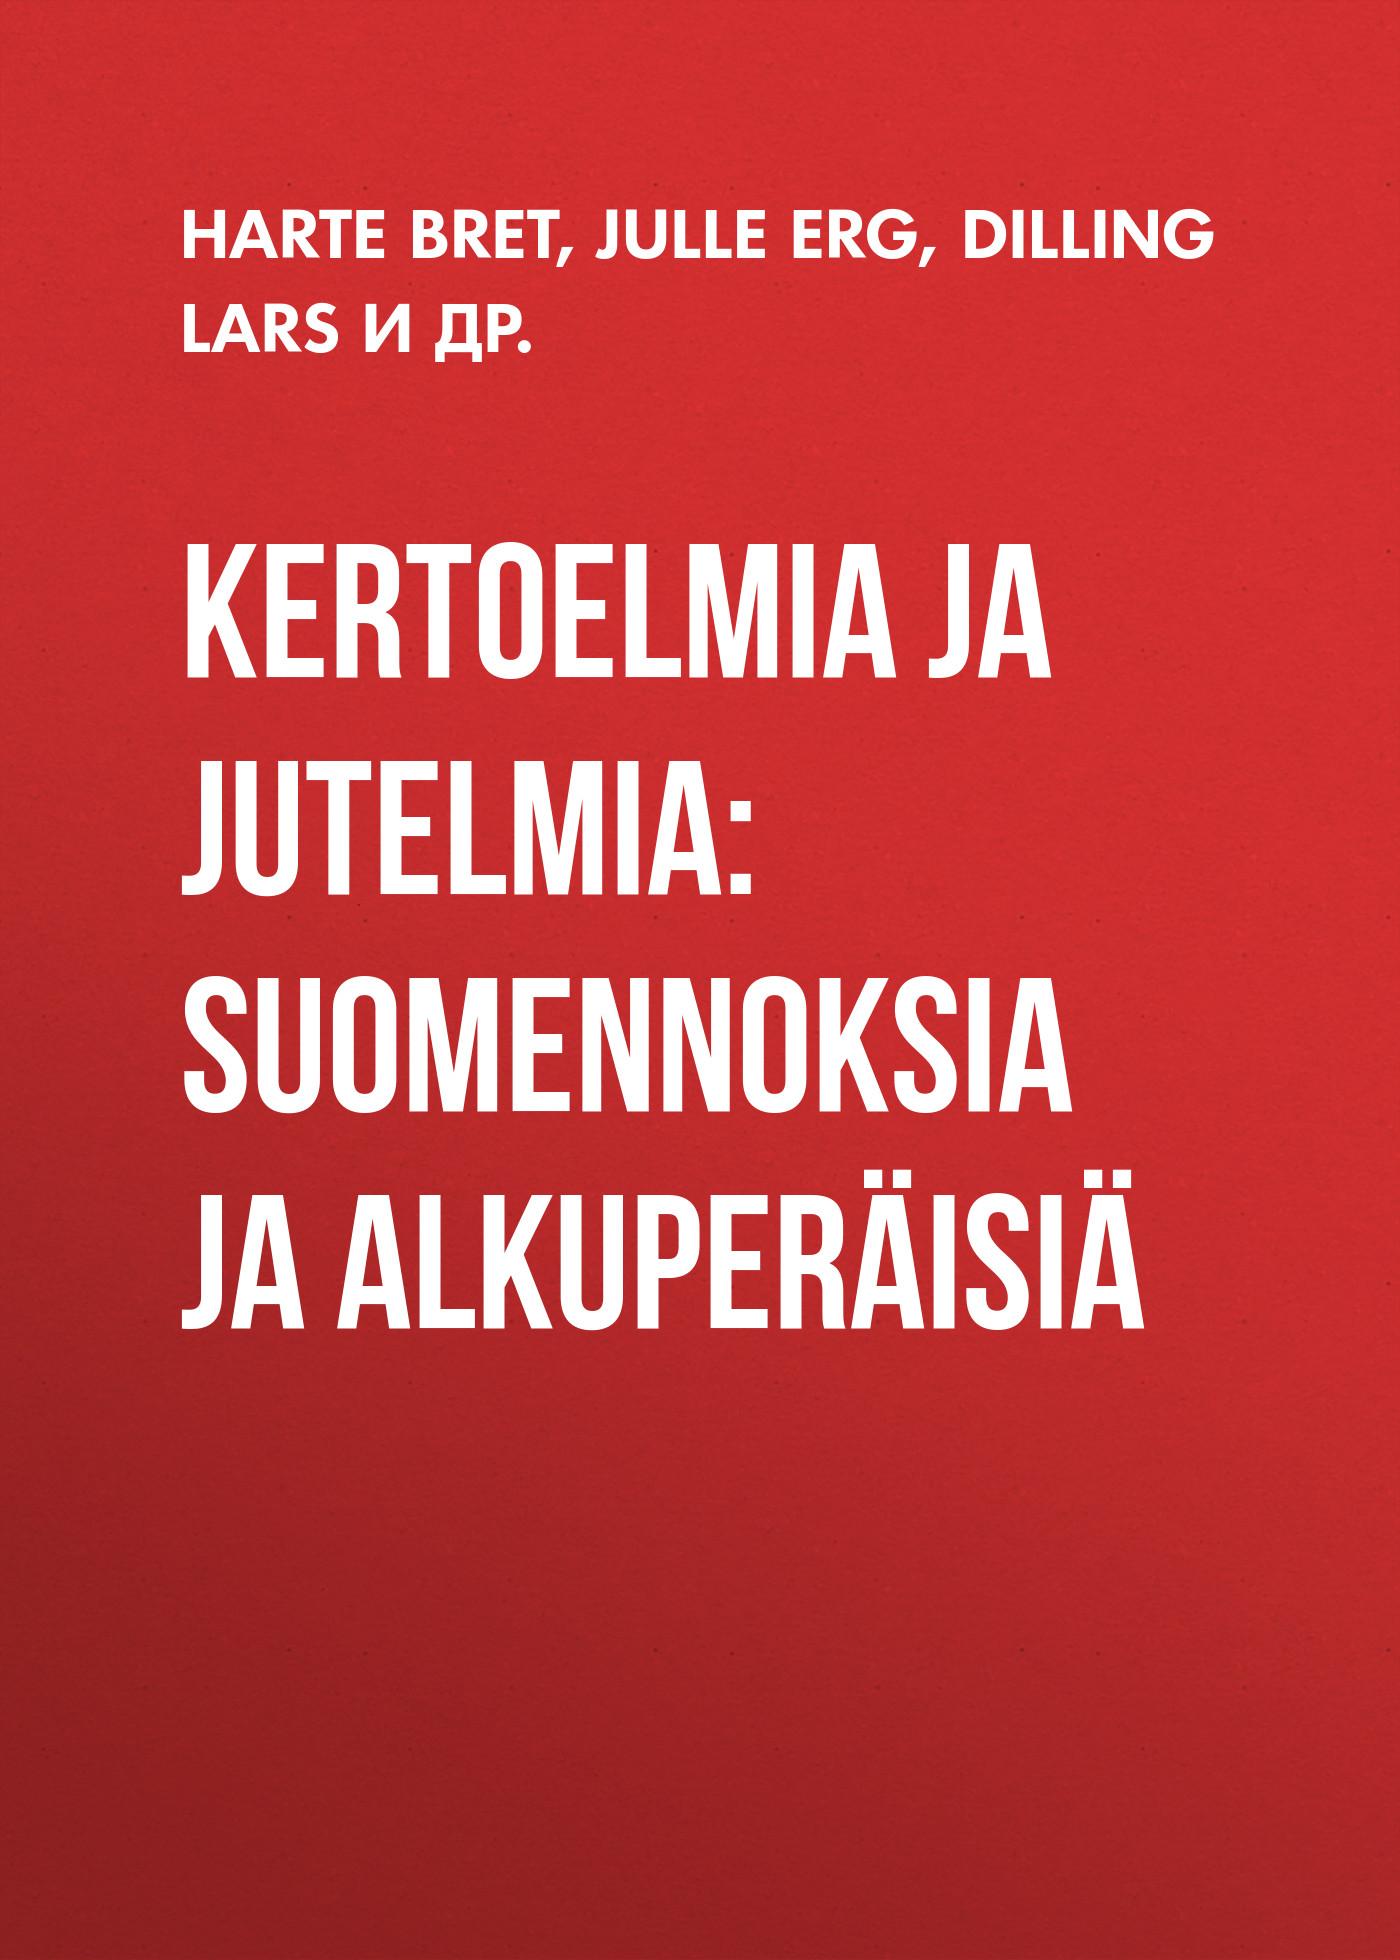 Фрэнсис Брет Гарт Kertoelmia ja jutelmia: Suomennoksia ja alkuperäisiä фрэнсис д фаворит